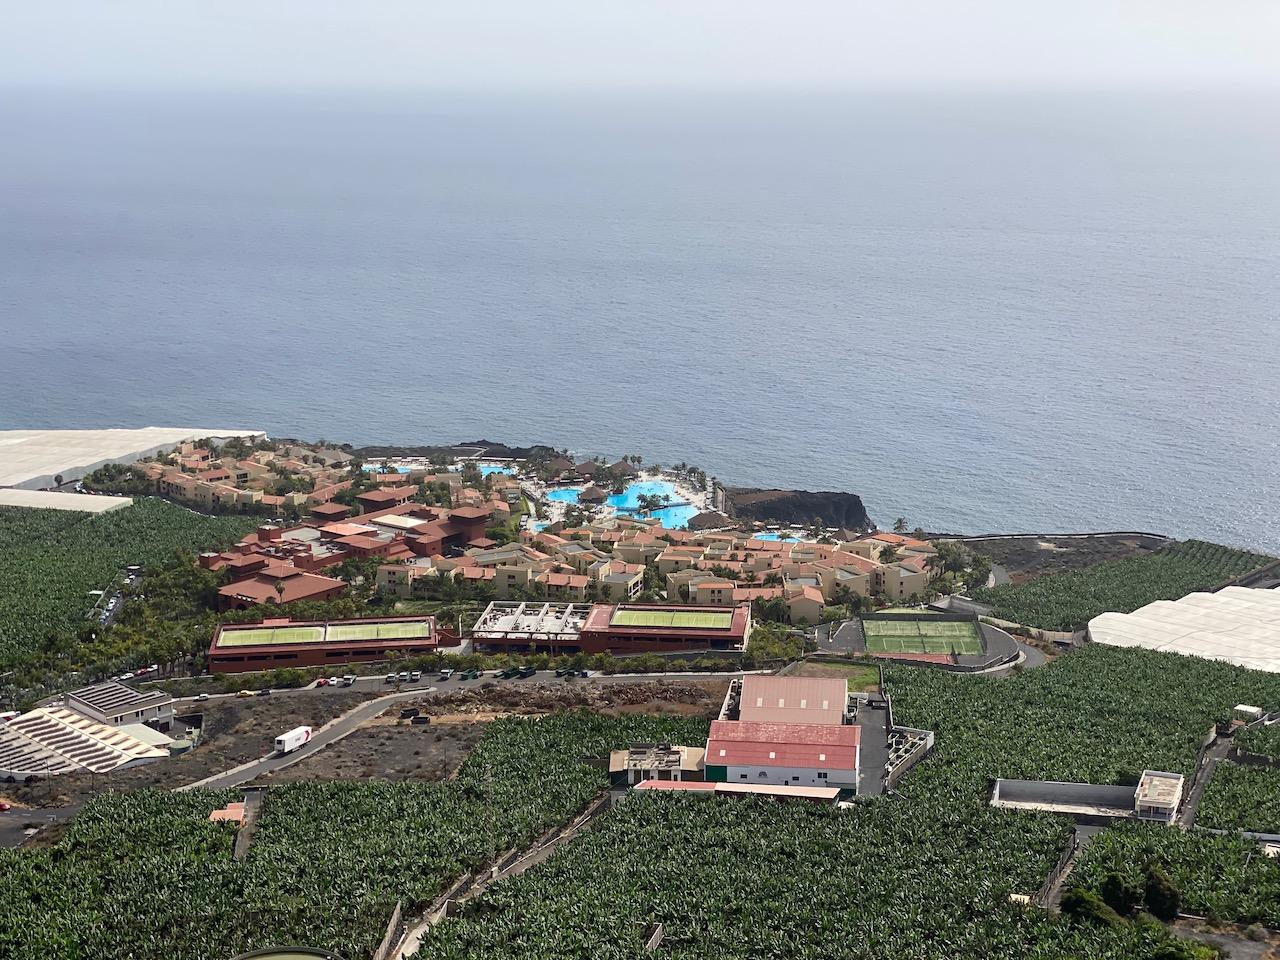 La Palma & Teneguía hotel